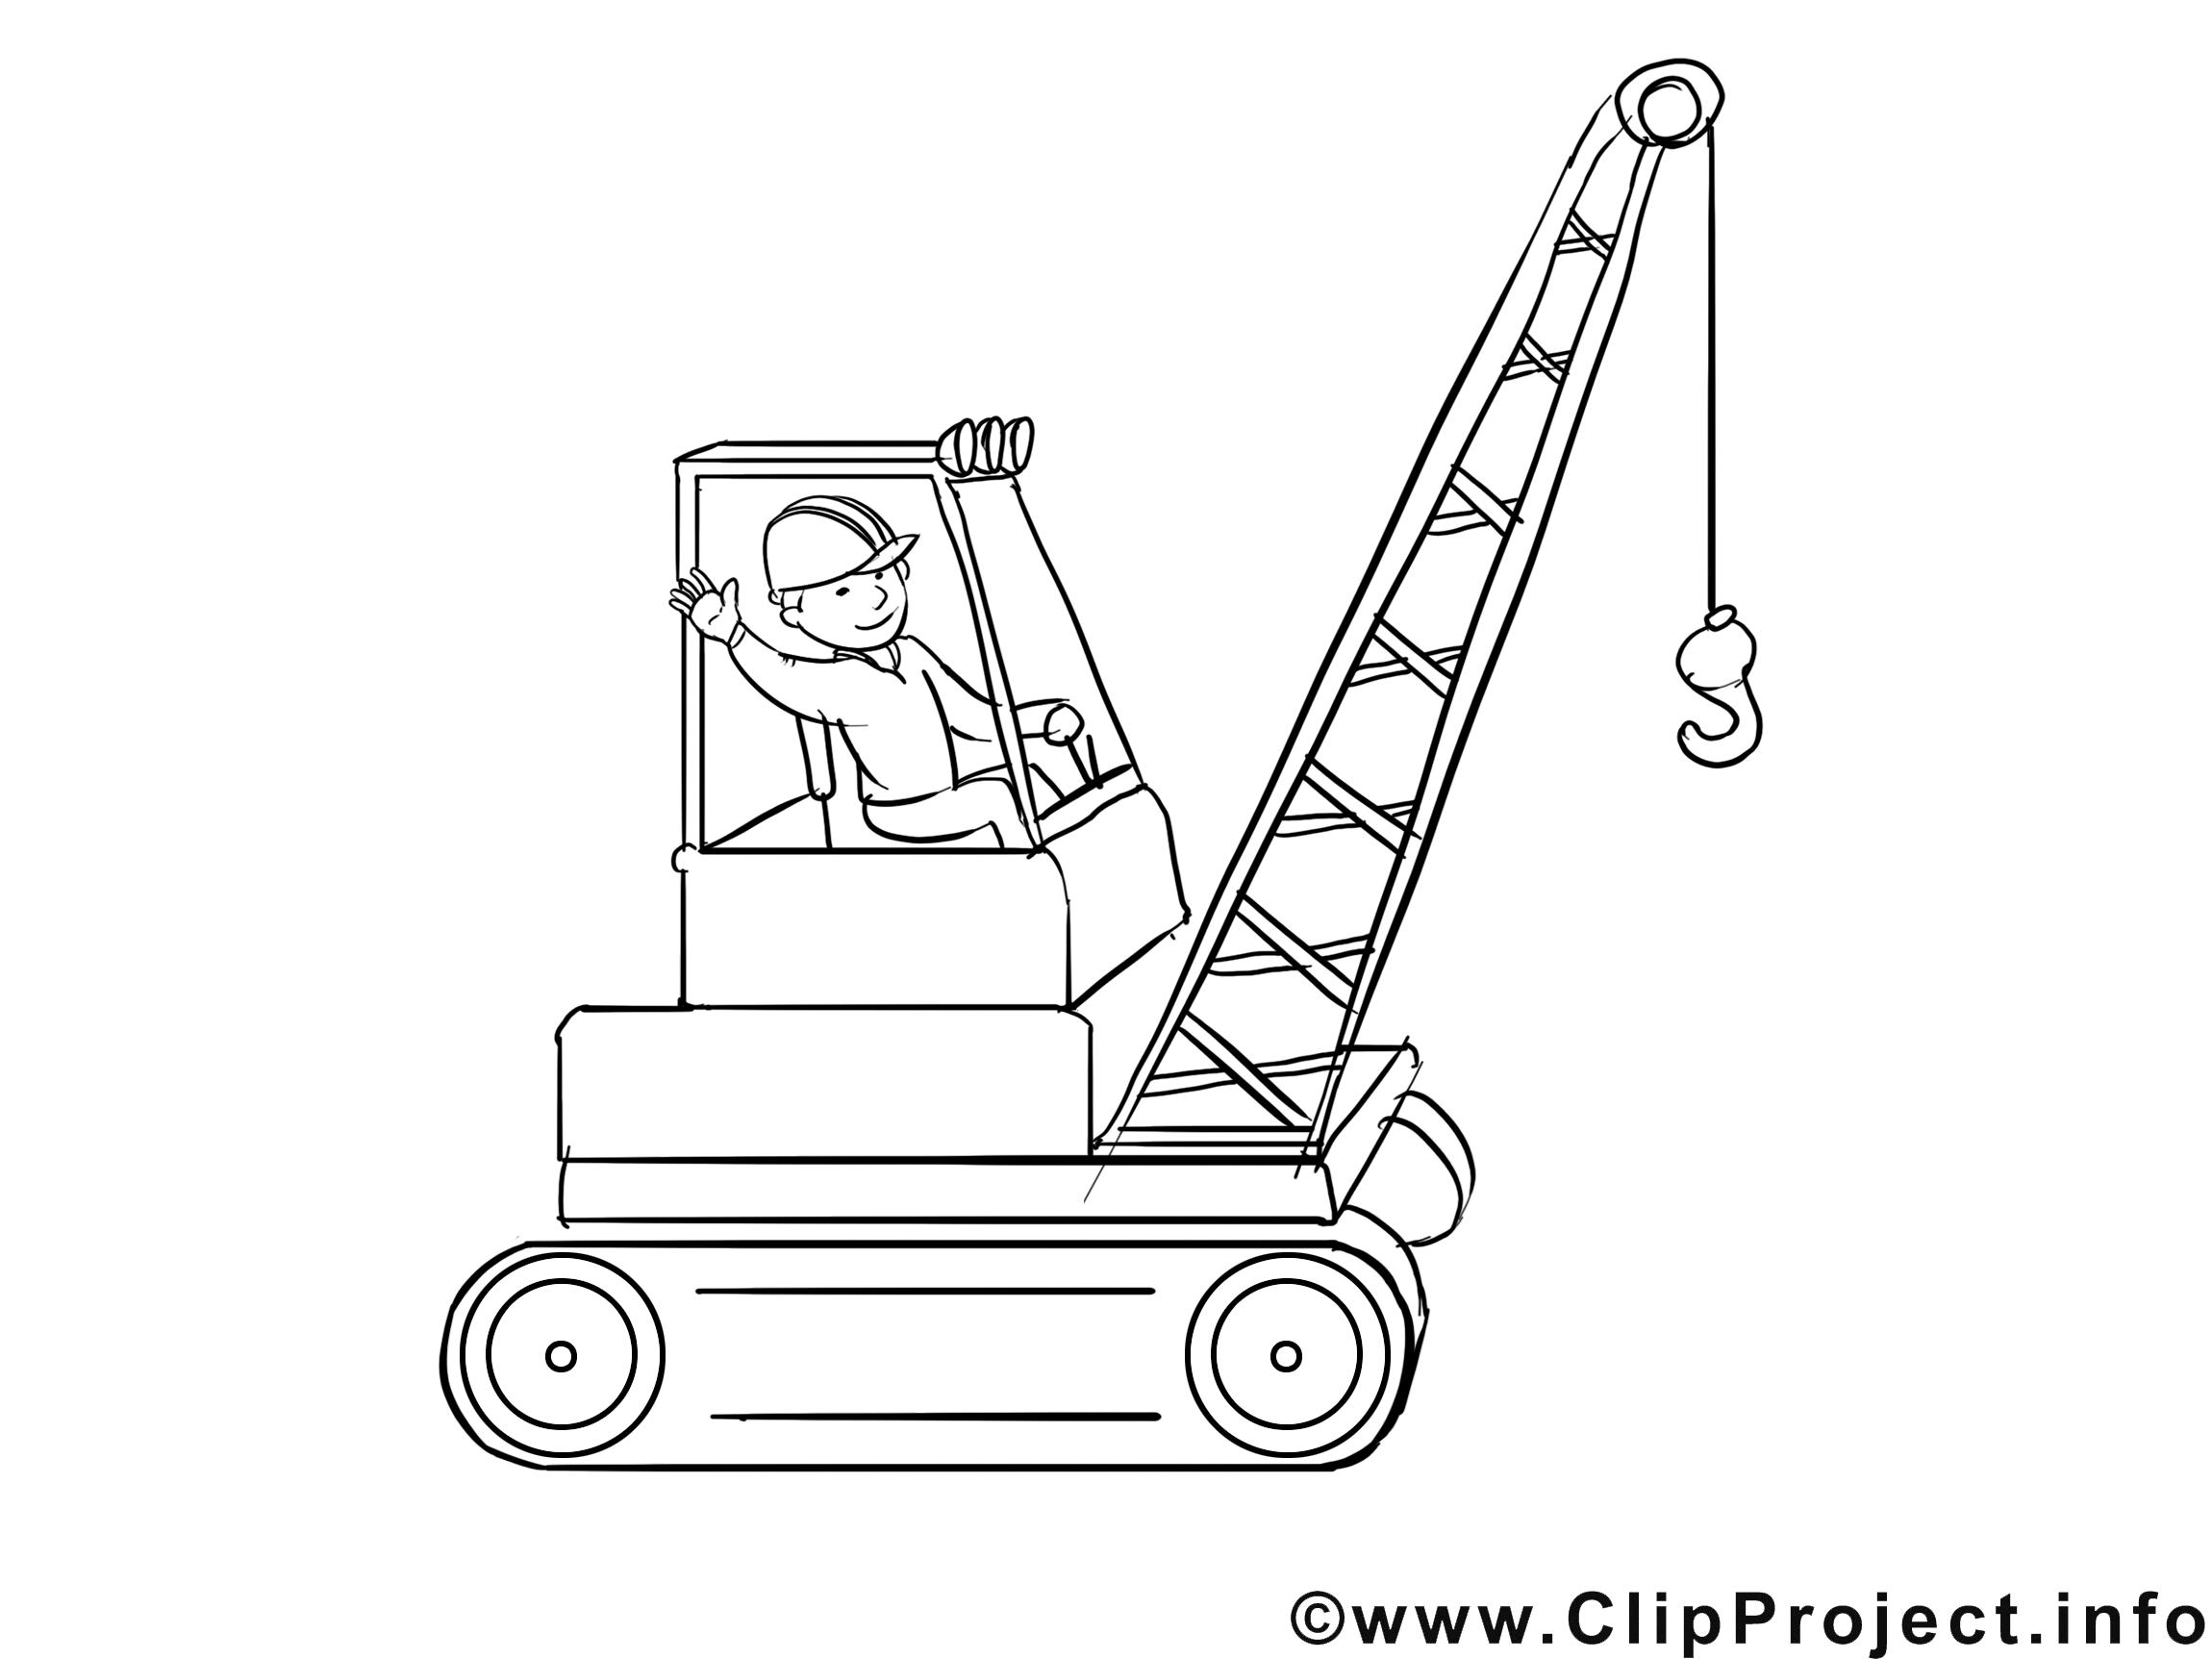 Grutier clipart – Métiers dessins à colorier